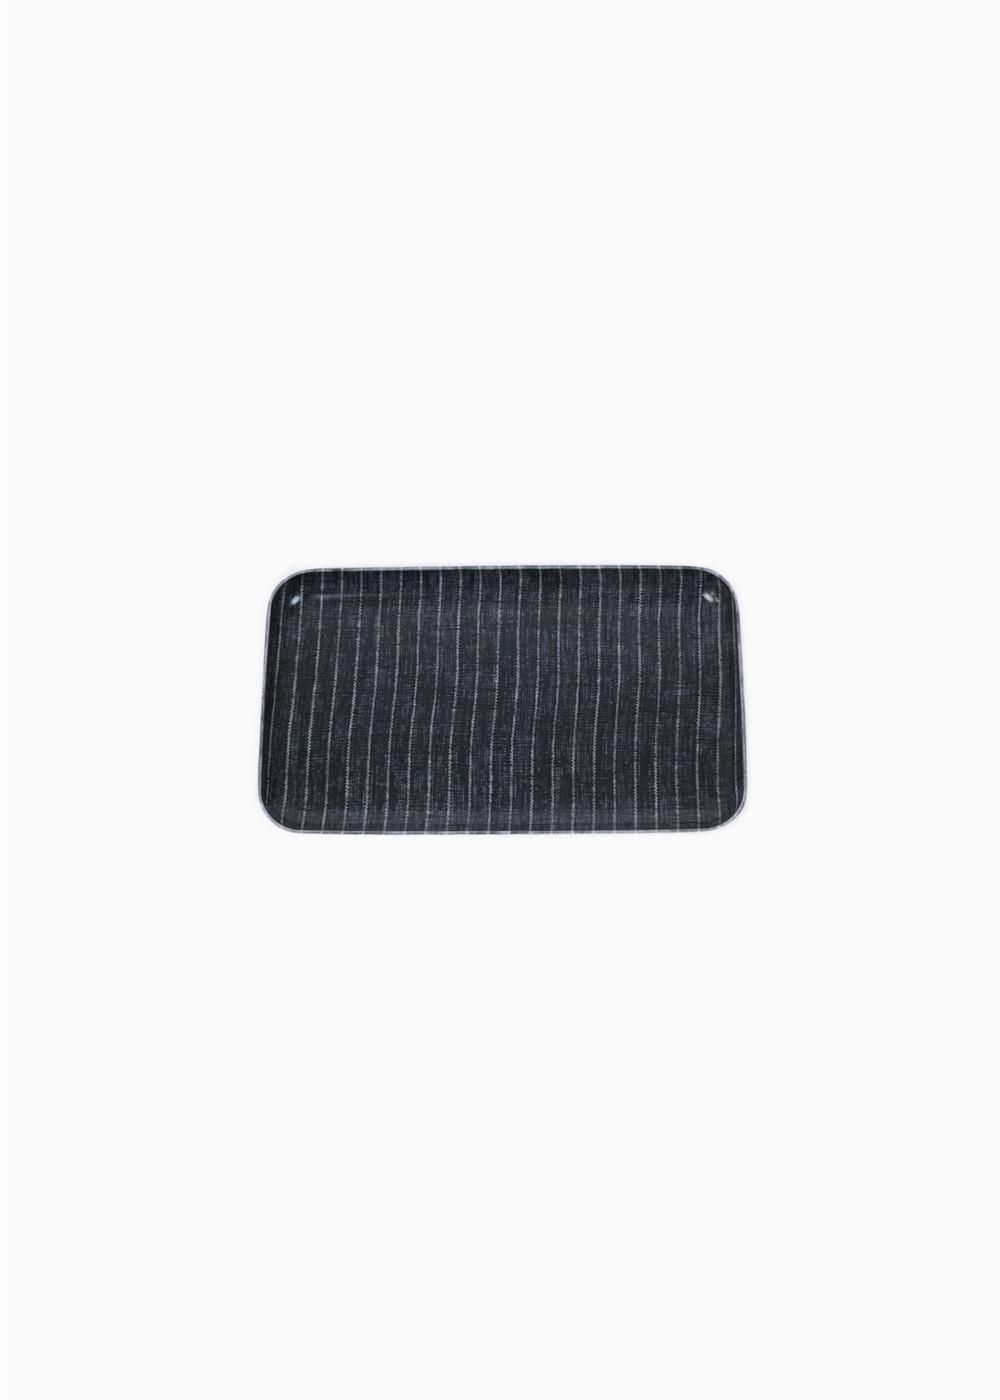 foglinenwork-linen-tray-george-S1